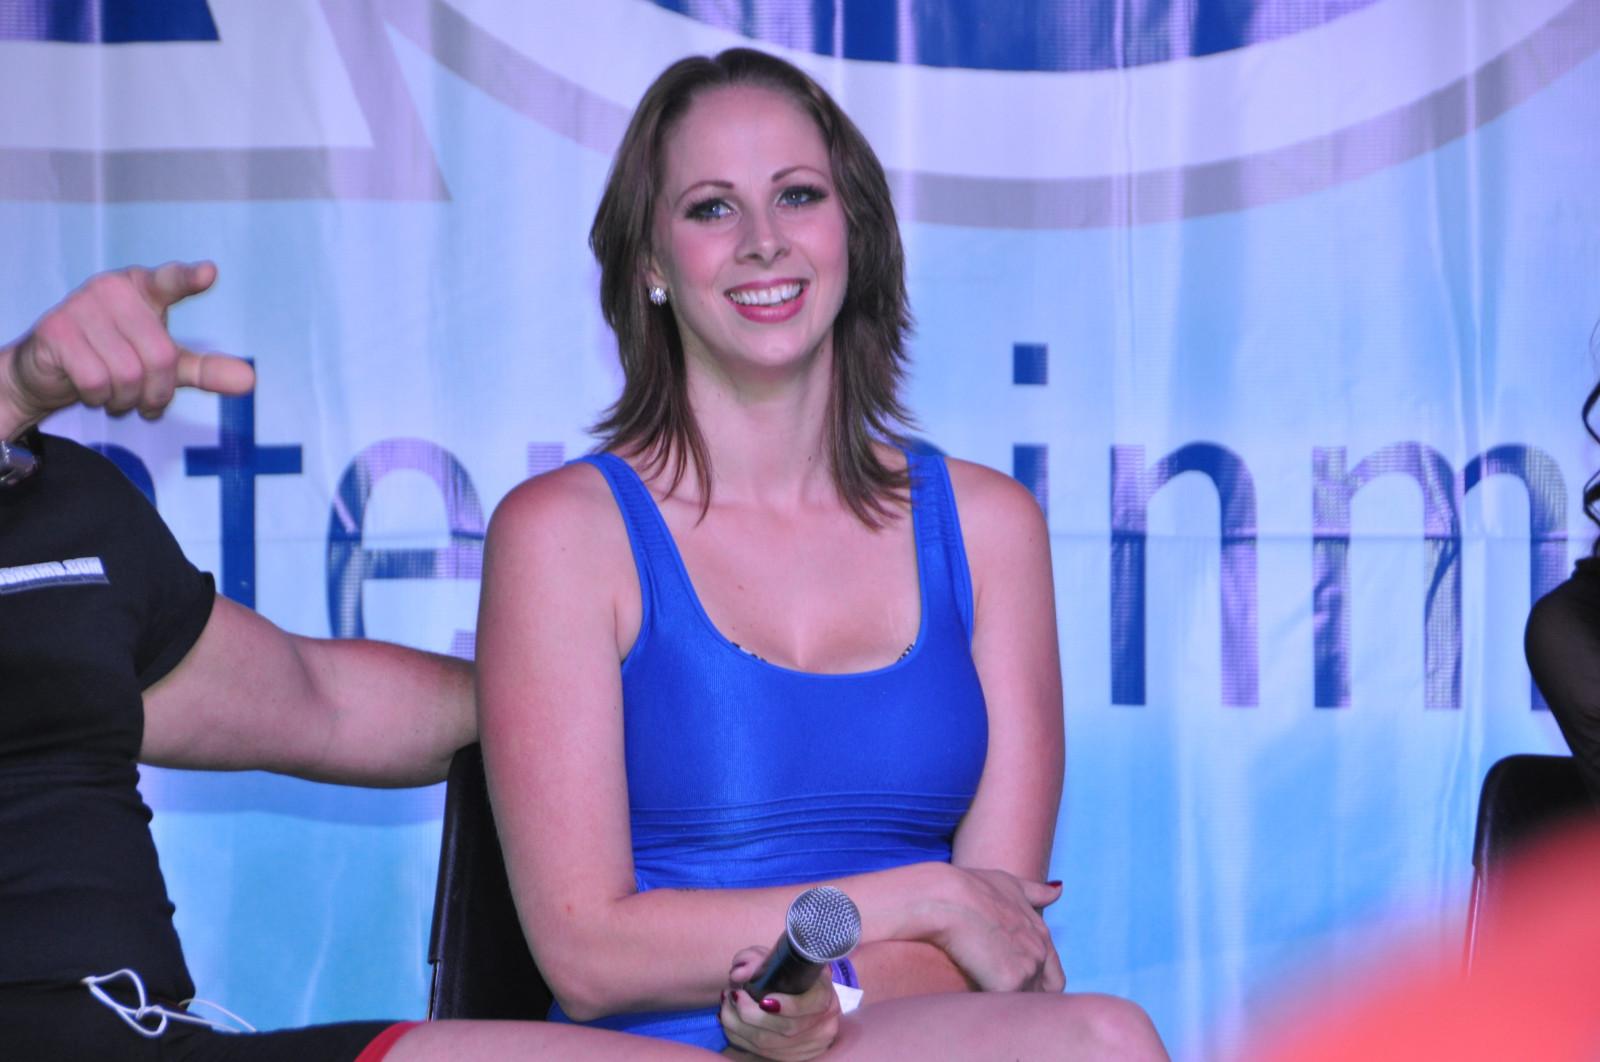 Твиттер gianna michaels, Gianna Michaels порно - HD видео для взрослых 18 фотография